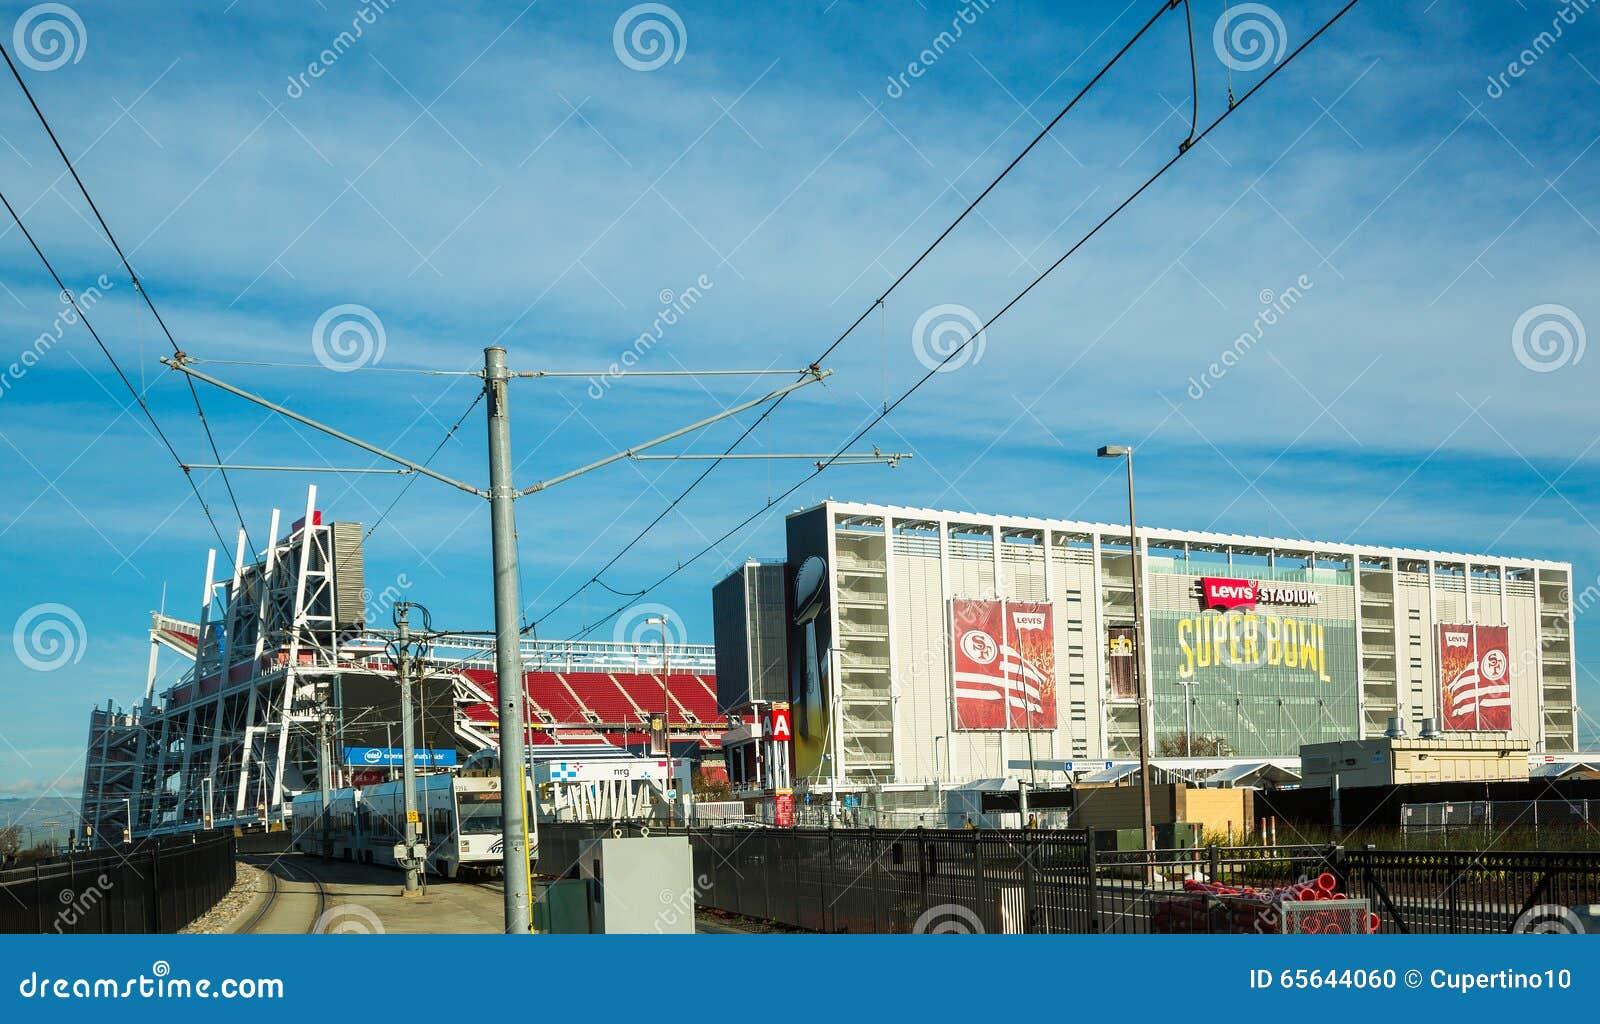 Stade de Super Bowl